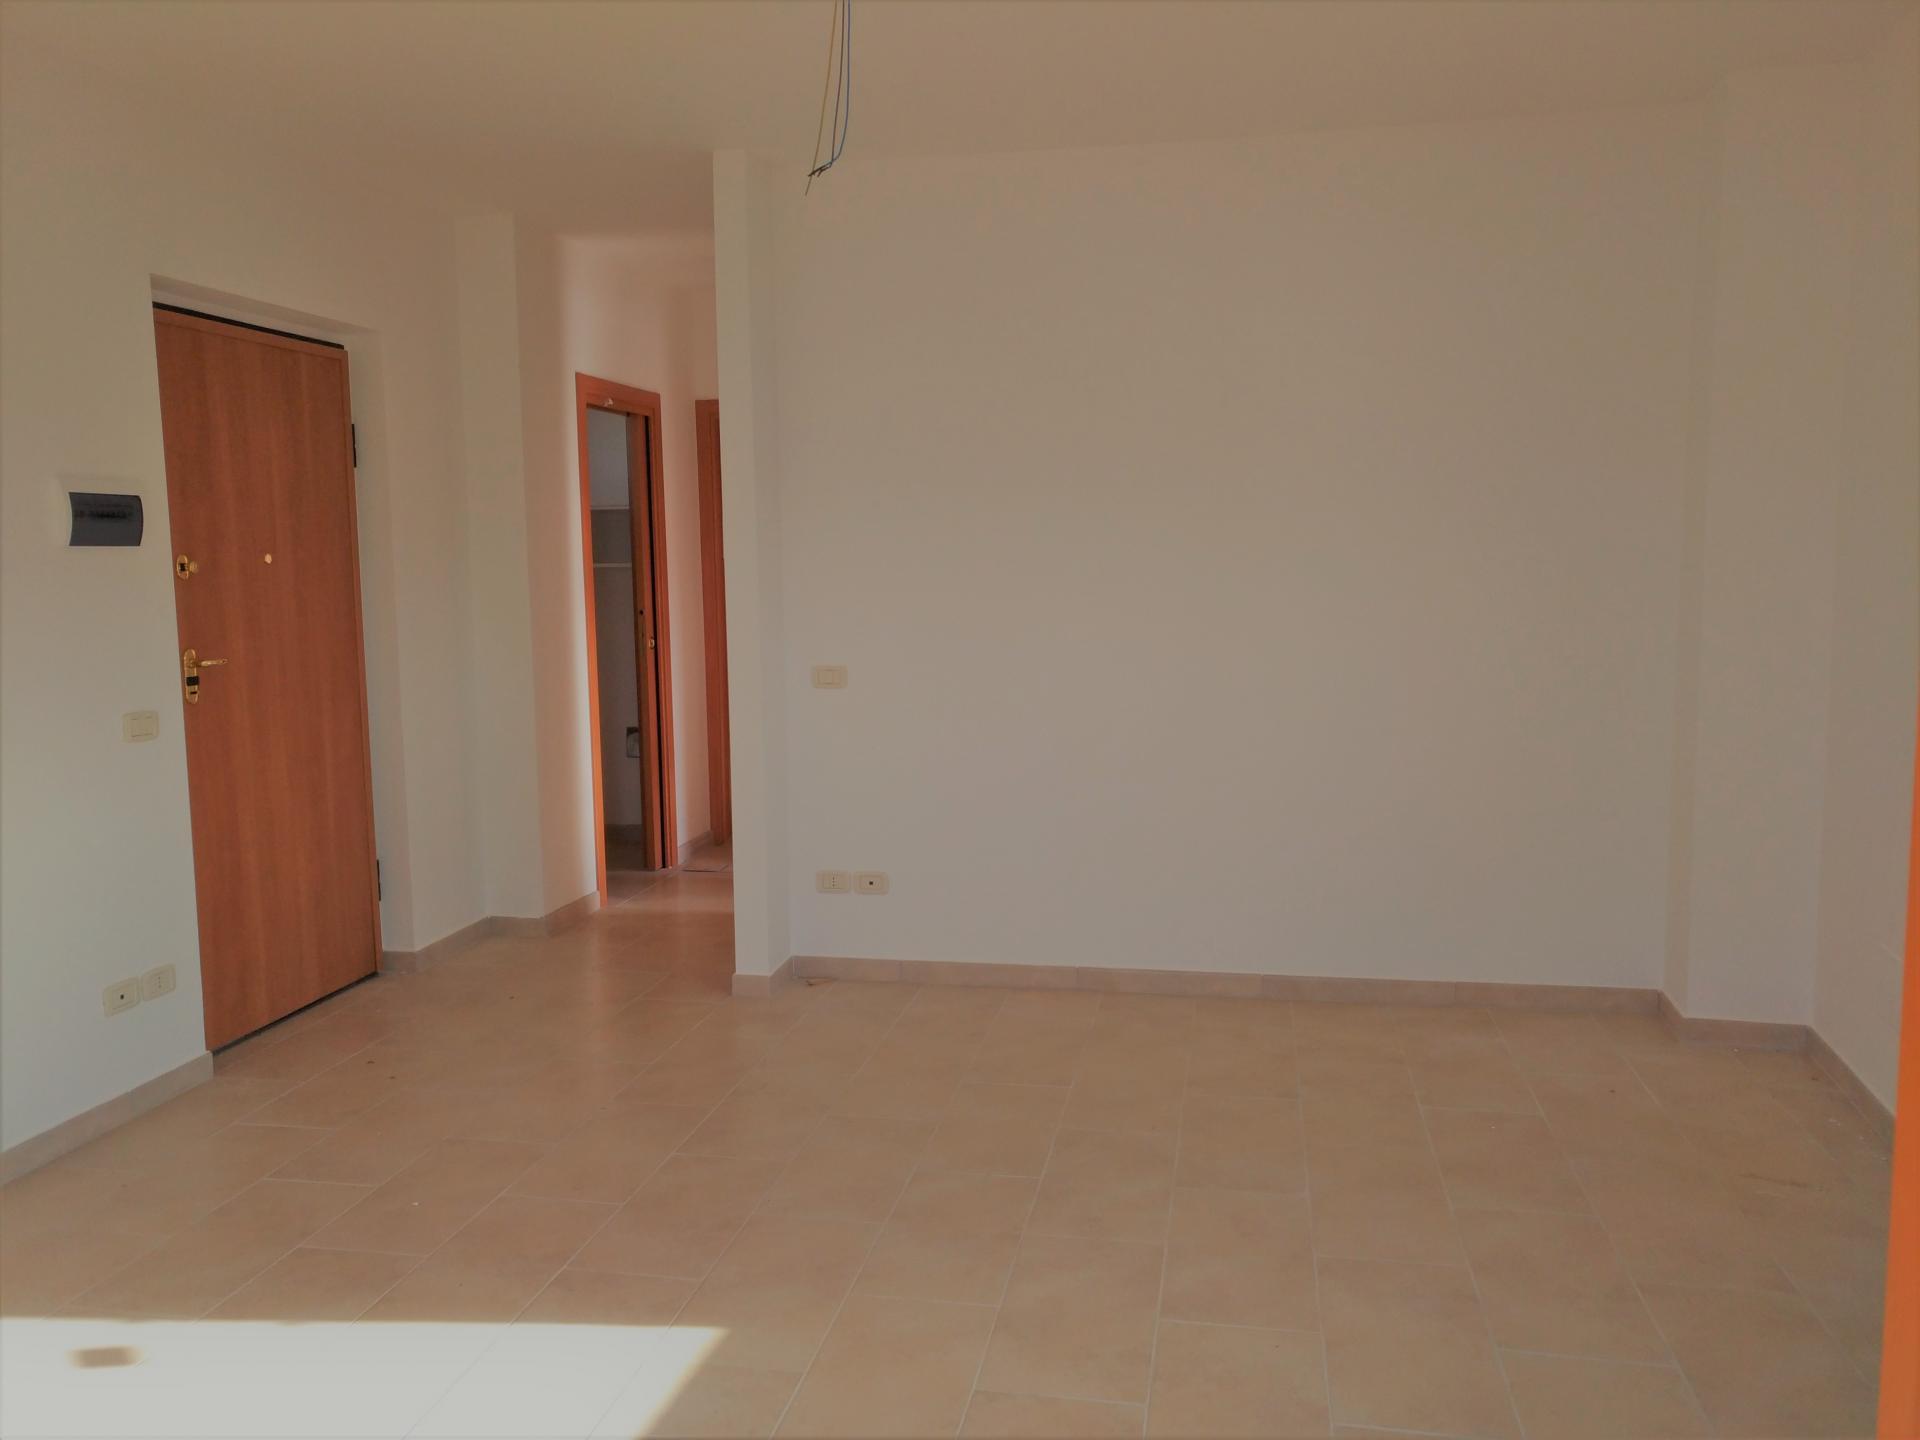 Appartamento in affitto a Ancona, 4 locali, zona Località: BorgoRodi, prezzo € 700 | CambioCasa.it